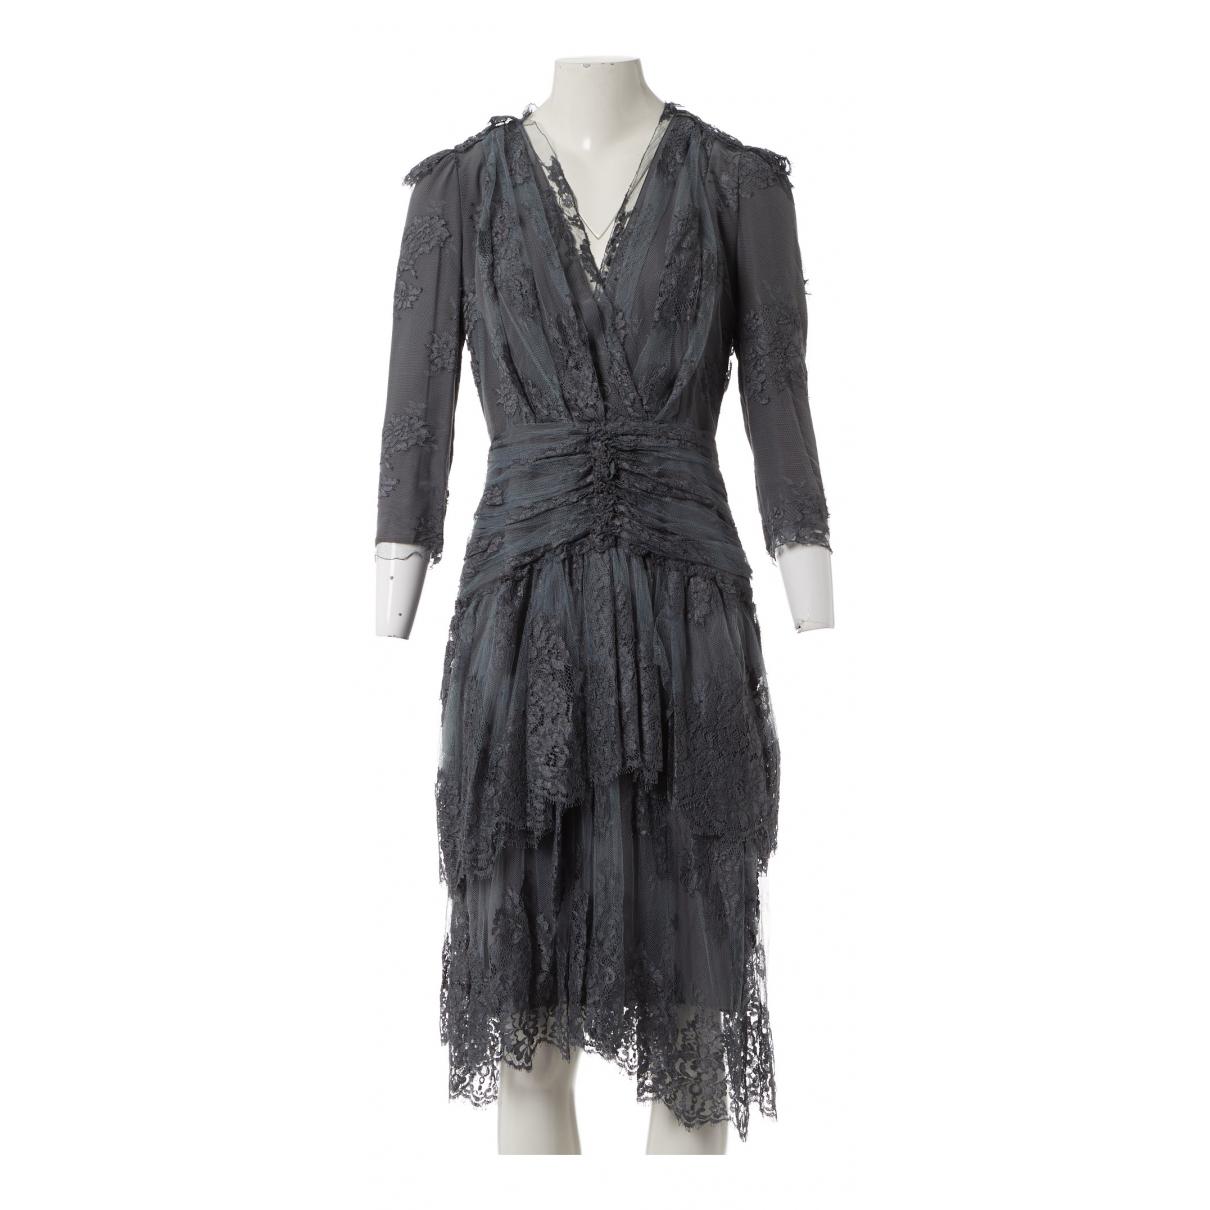 Burberry \N Kleid in  Grau Viskose